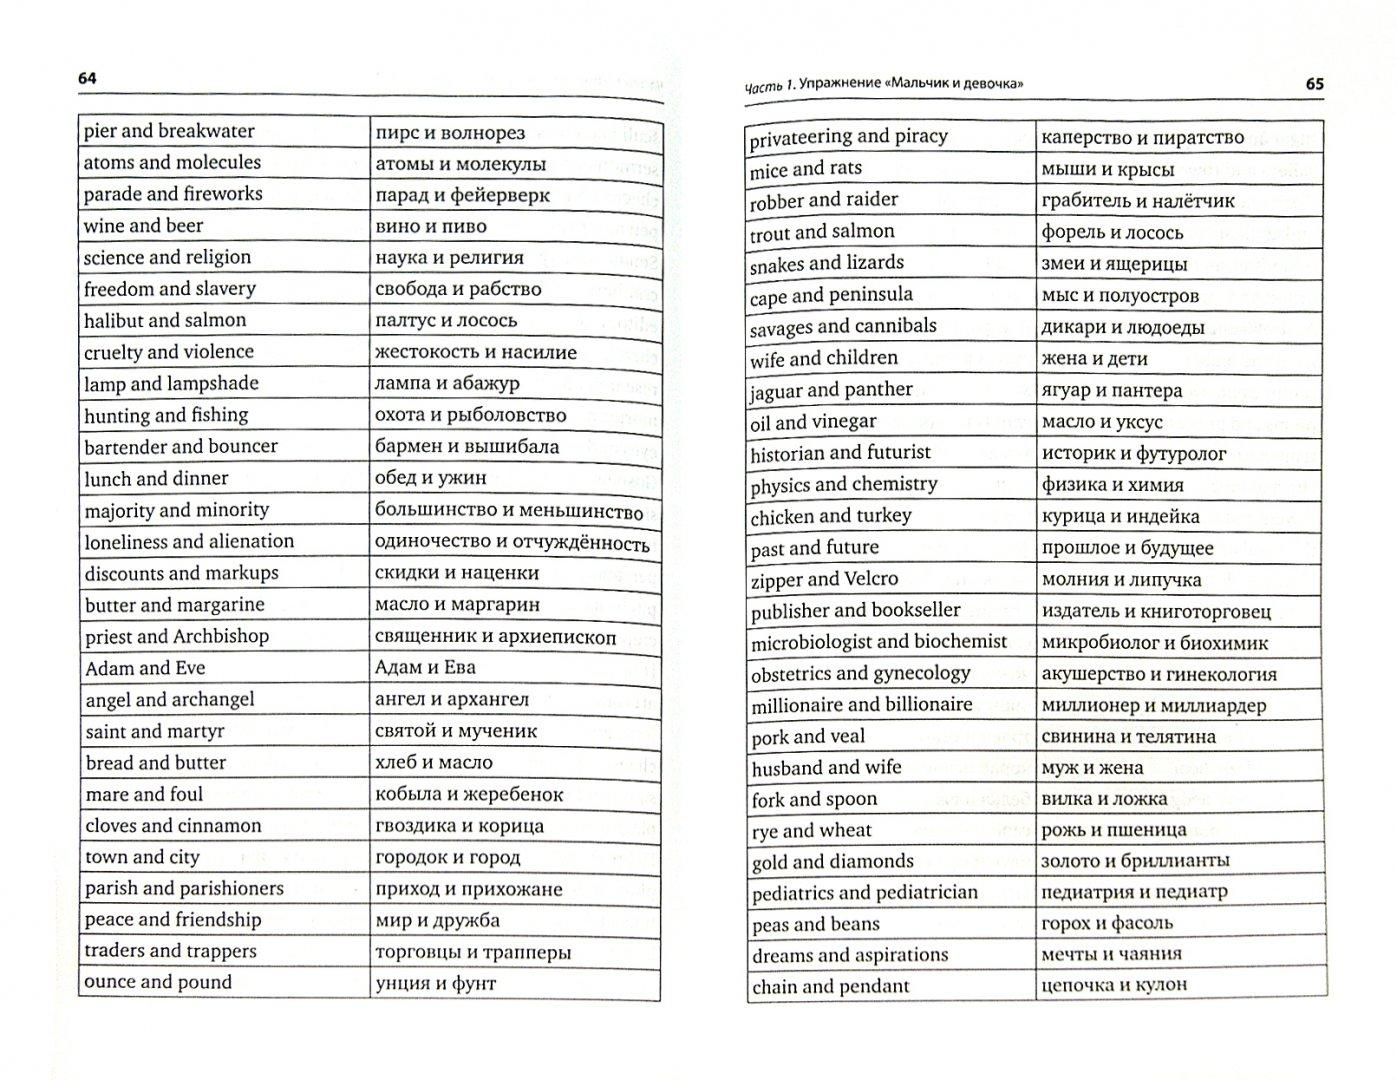 Иллюстрация 1 из 25 для Упражнения для синхрониста. Зеленое яблоко. Самоучитель устного перевода с английского на русский - Фалалеев, Малофеева | Лабиринт - книги. Источник: Лабиринт